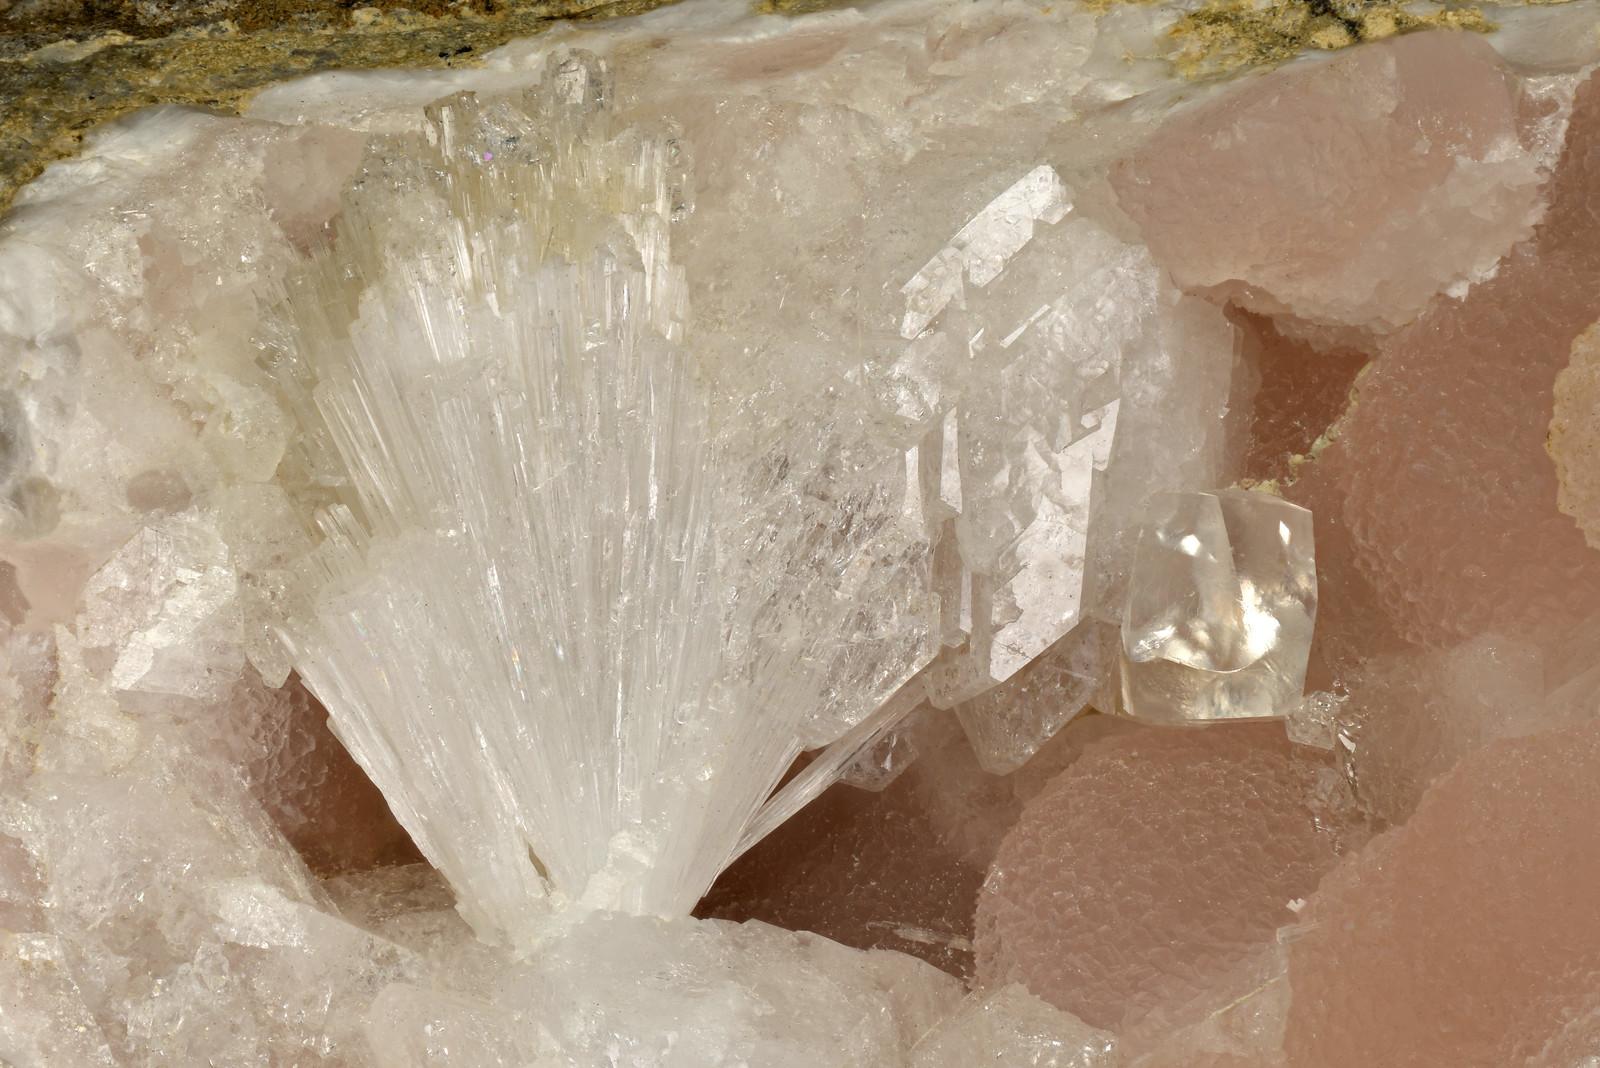 スコレス沸石 / Scolecite